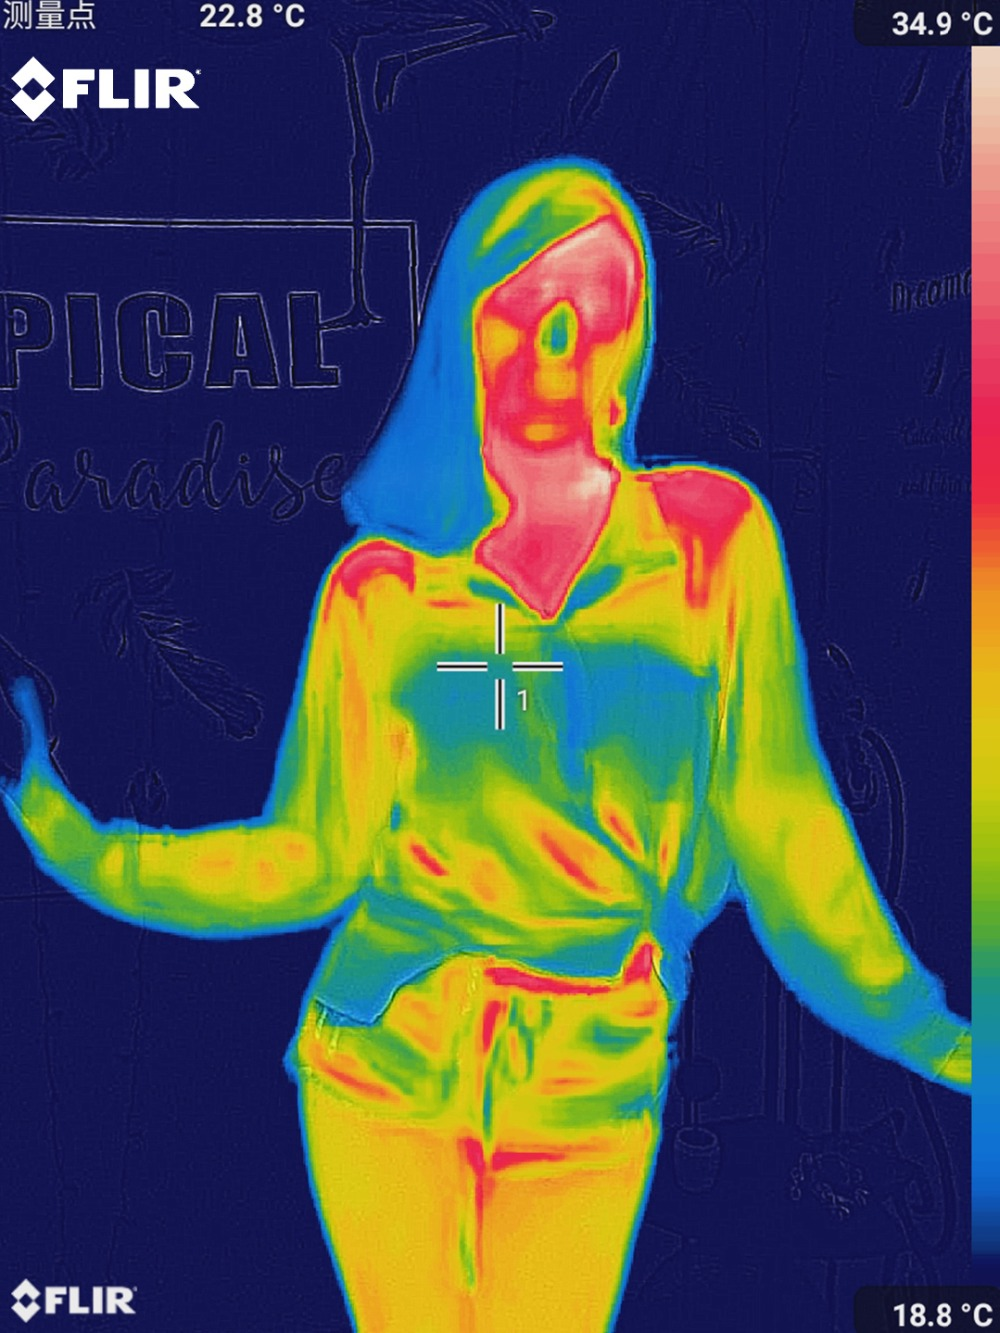 Immagini termiche Telecamera a infrarossi imager di visione notturna FLIR di UN Uso PRO per iphone ipad iOS o Android